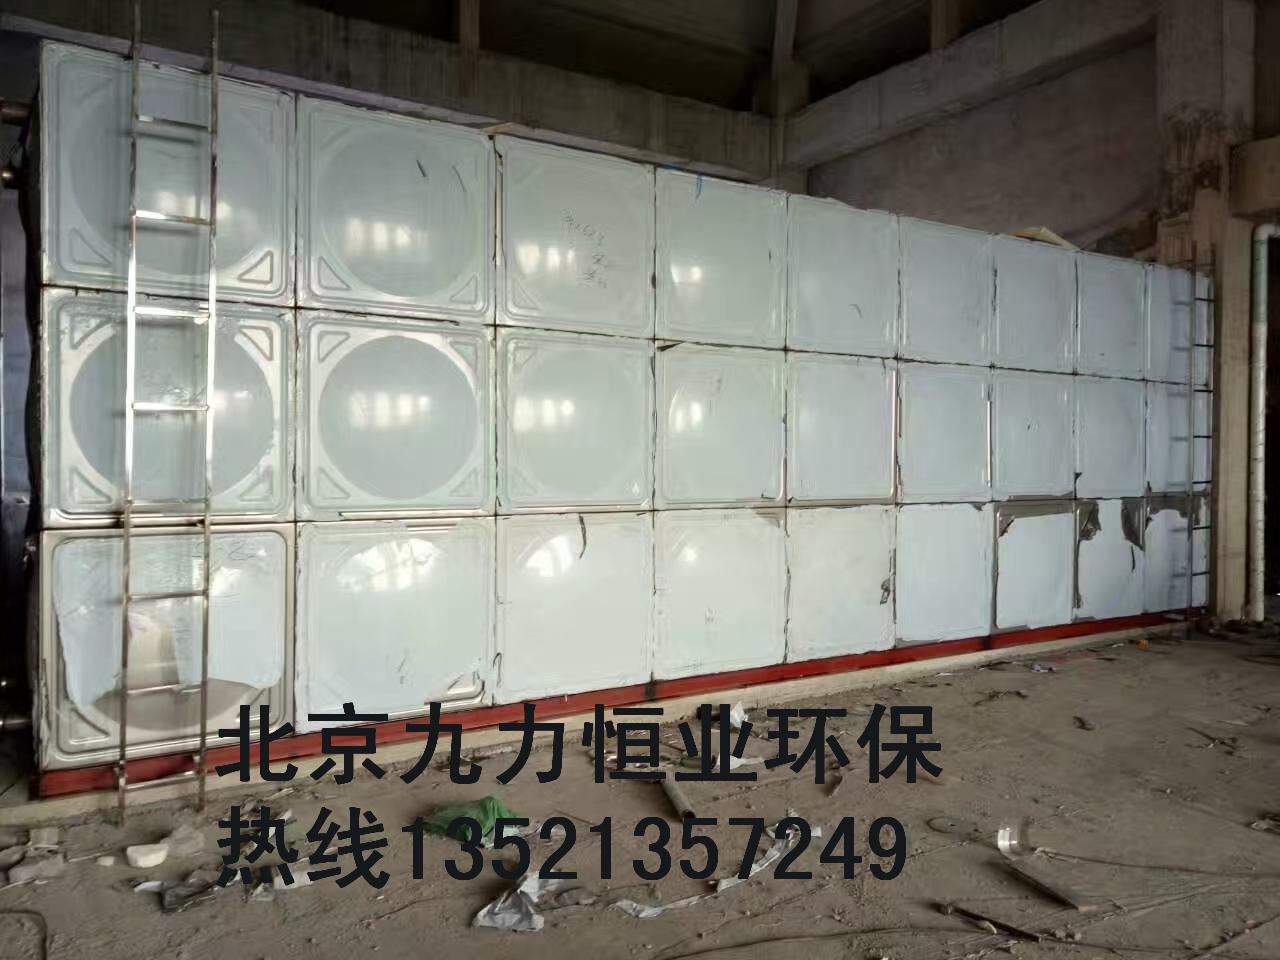 消防专用搪瓷不锈钢水箱A北京消防专用搪瓷不锈钢水箱A消防专用搪瓷不锈钢水箱生产厂家